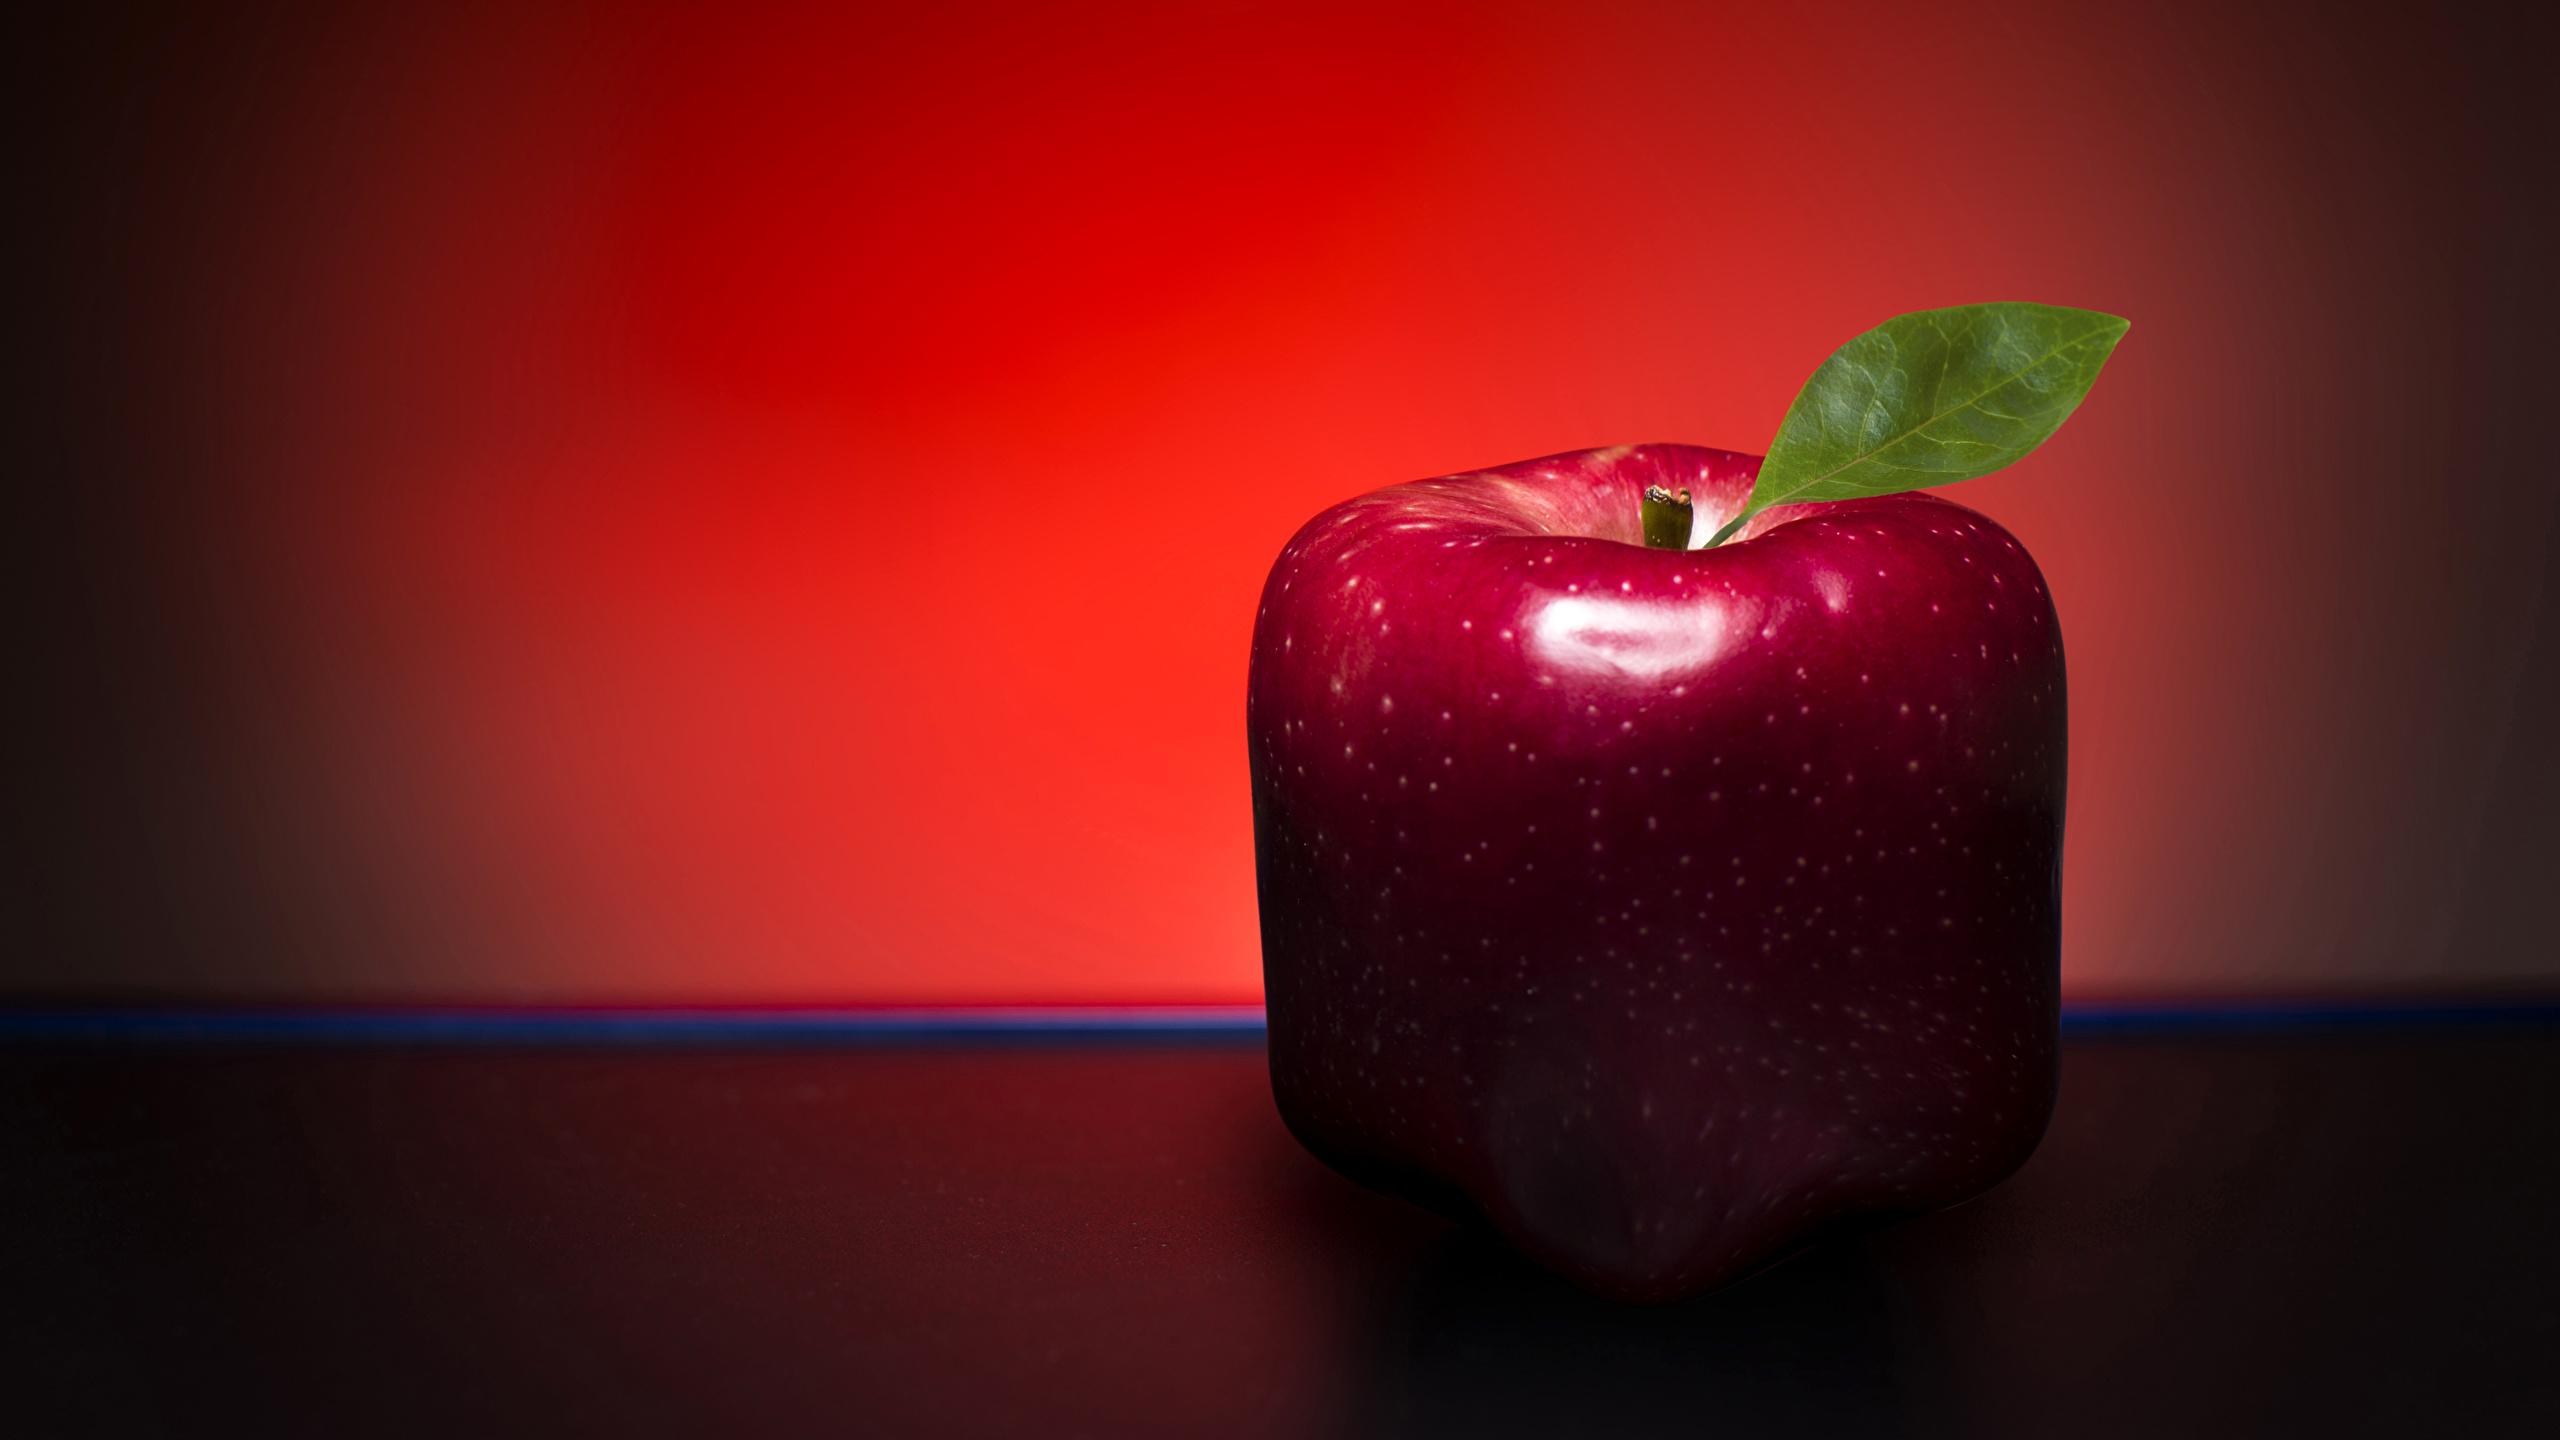 Обои красная Яблоки оригинальные Пища Крупным планом 2560x1440 красных красные Красный Креатив Еда Продукты питания вблизи